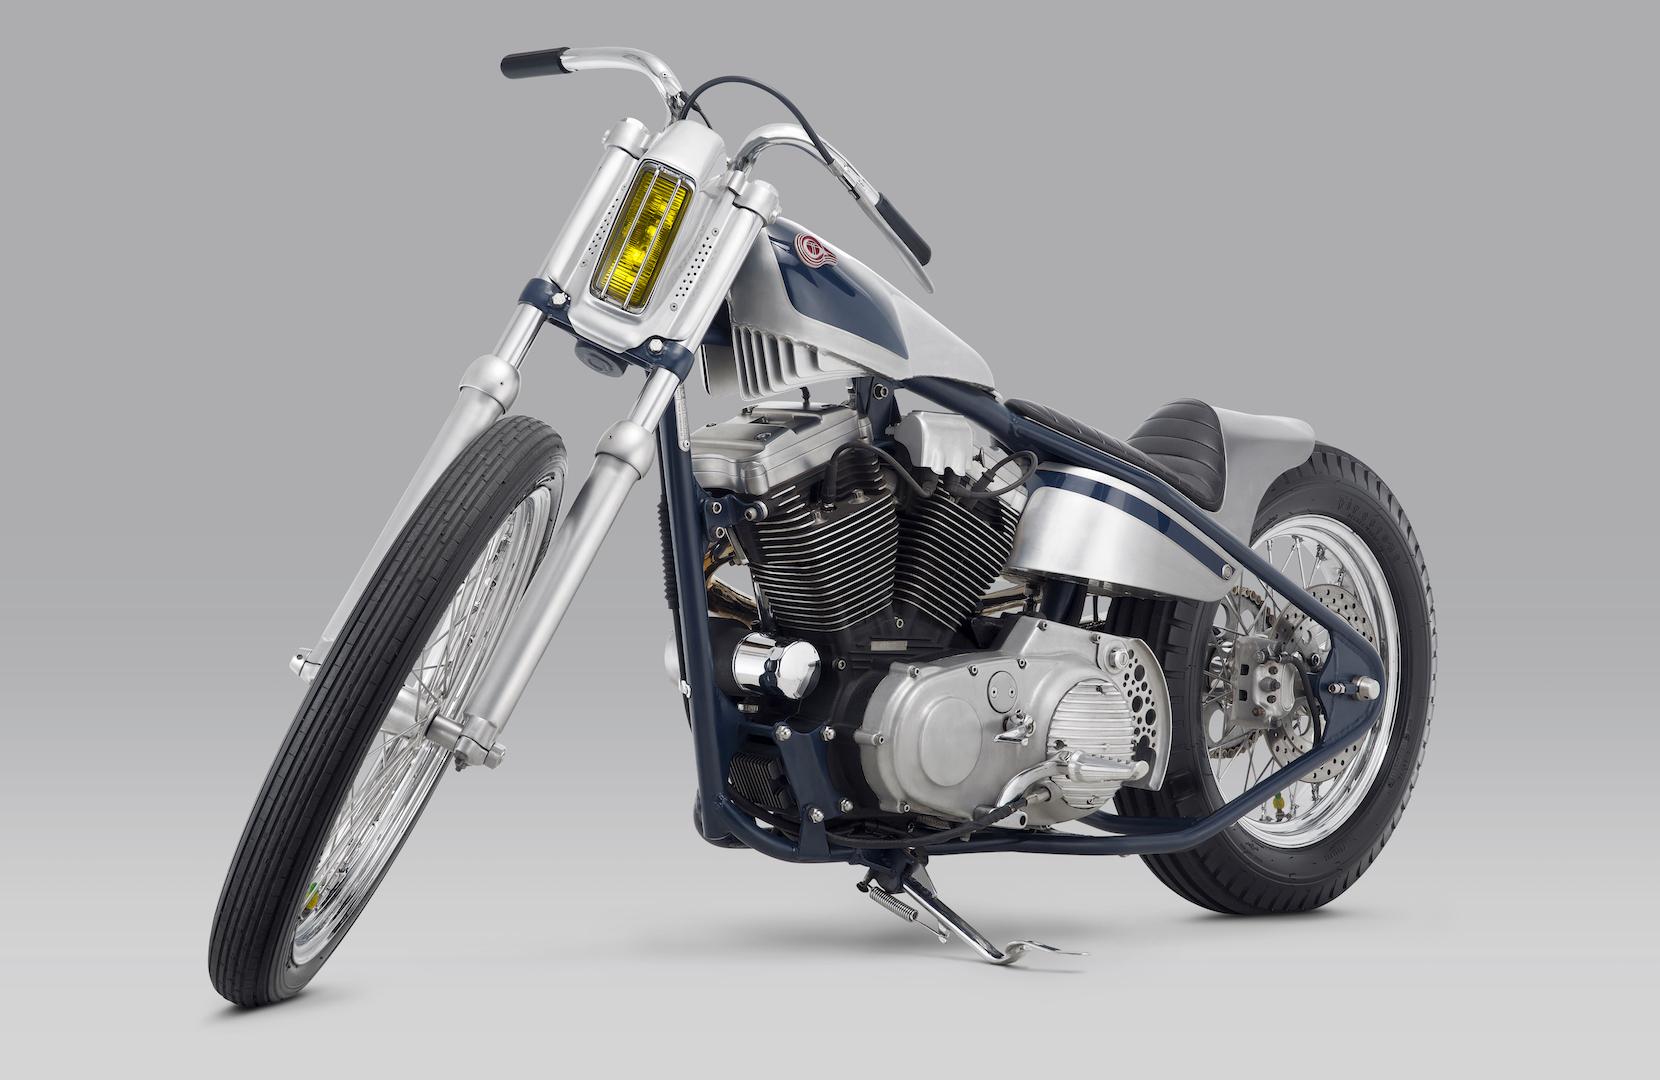 Kuzuri_Custom_Sportster_ThriveMC_Moto-Mucci (4).jpg